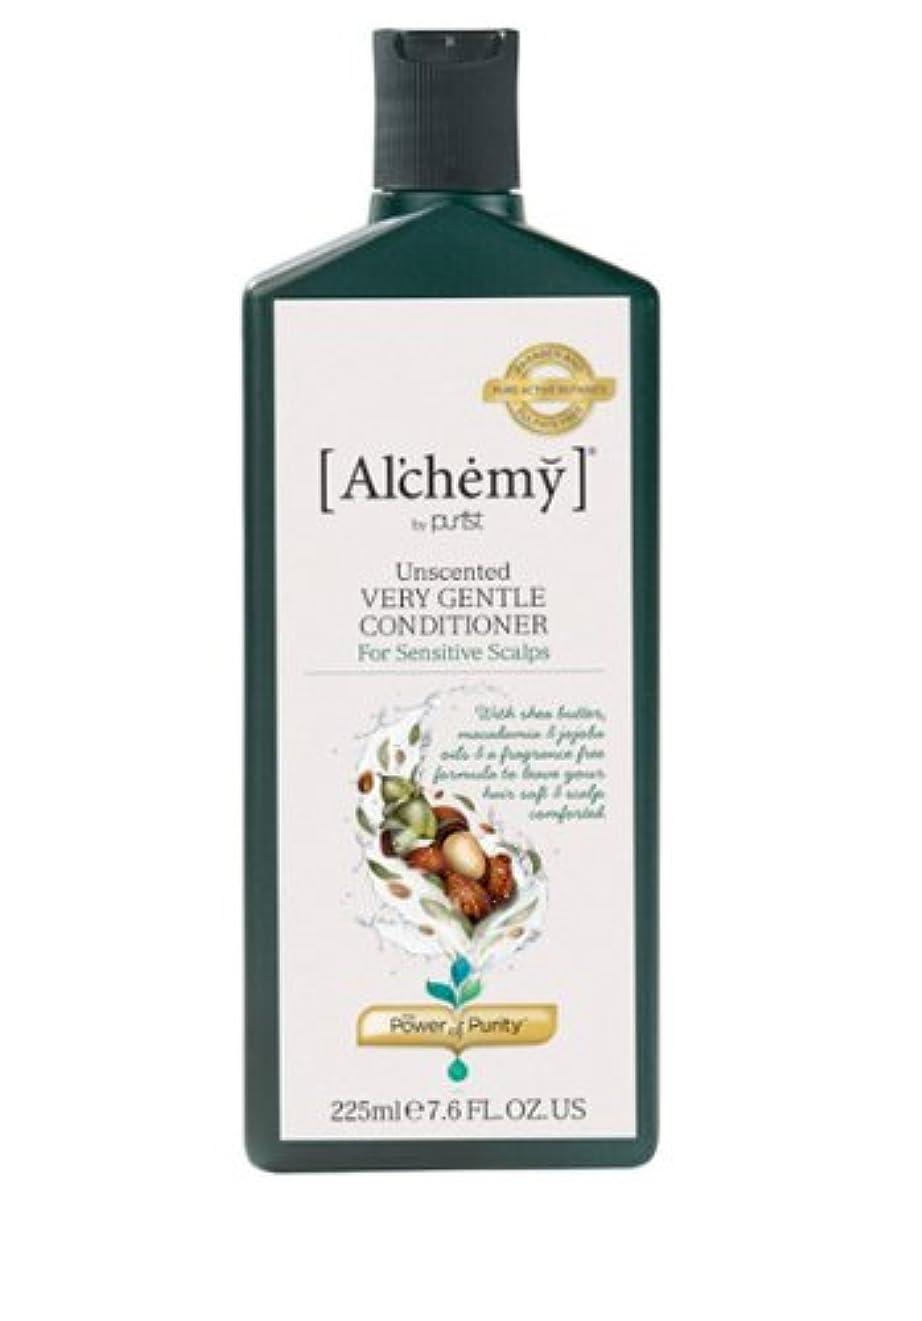 ボイラーもう一度すべき【Al'chemy(alchemy)】アルケミー ベリージェントルコンディショナー(Unscented Very Gentle Conditioner)(敏感肌用)225ml